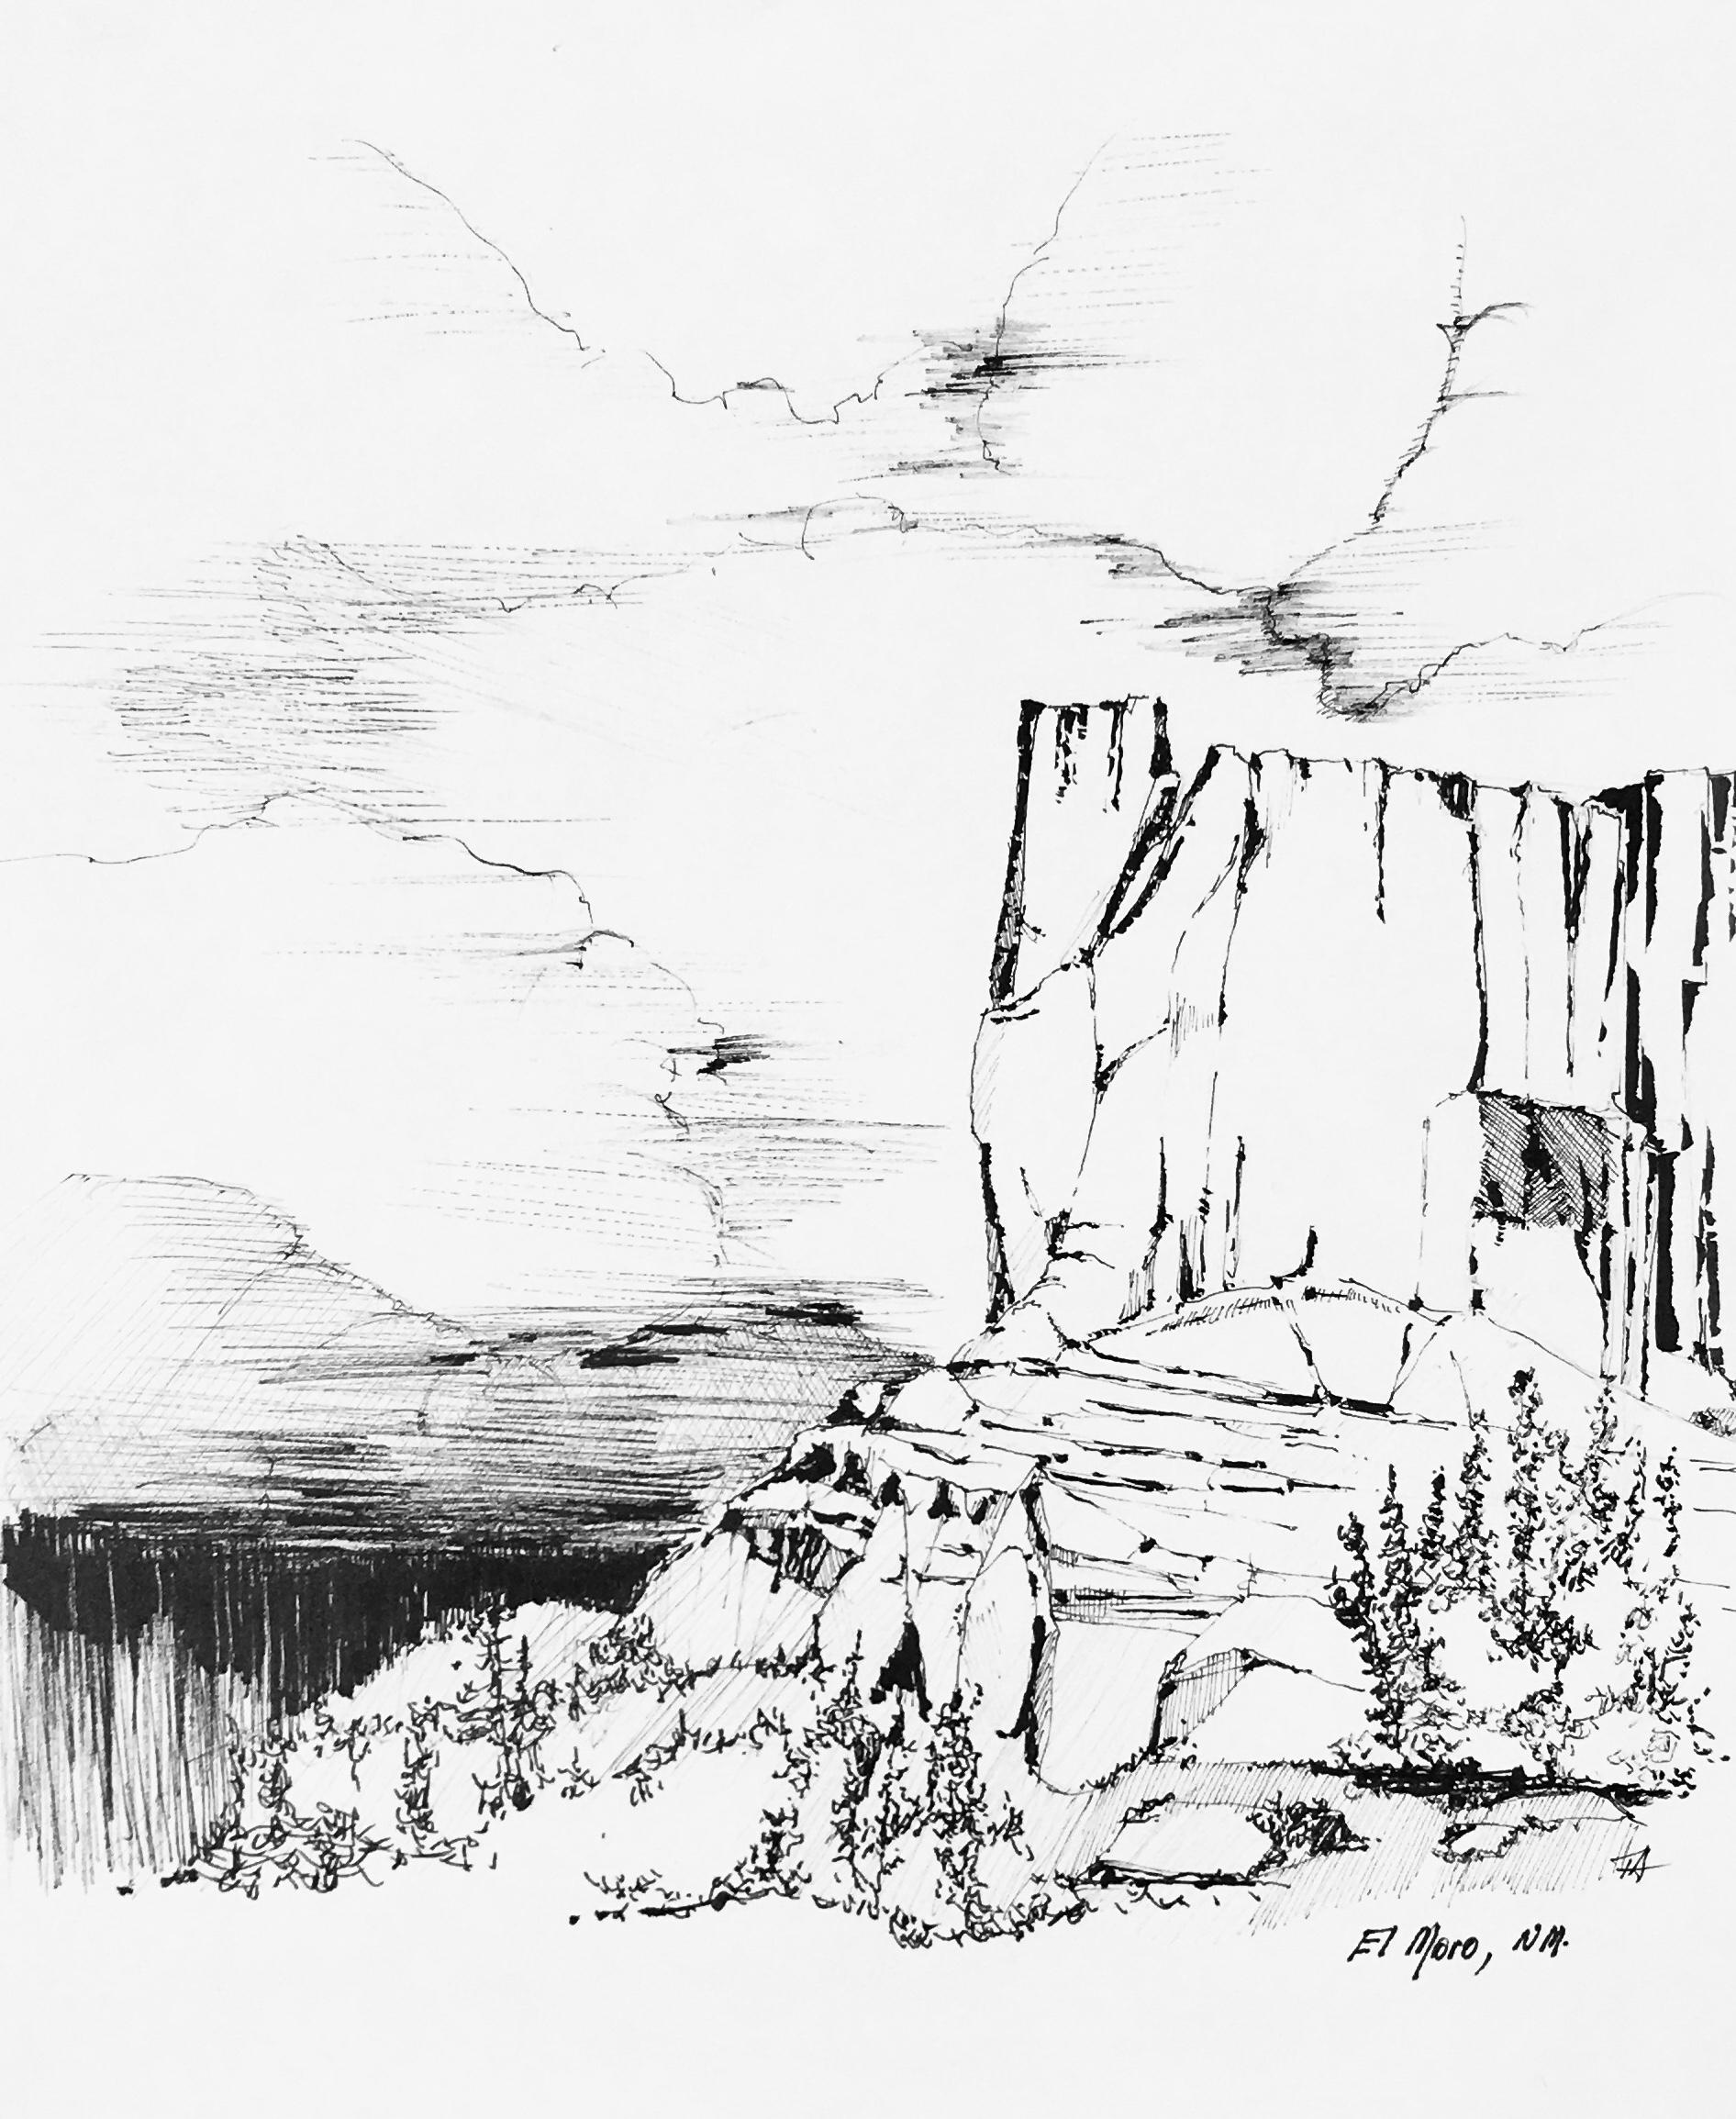 El Moro Cliffs